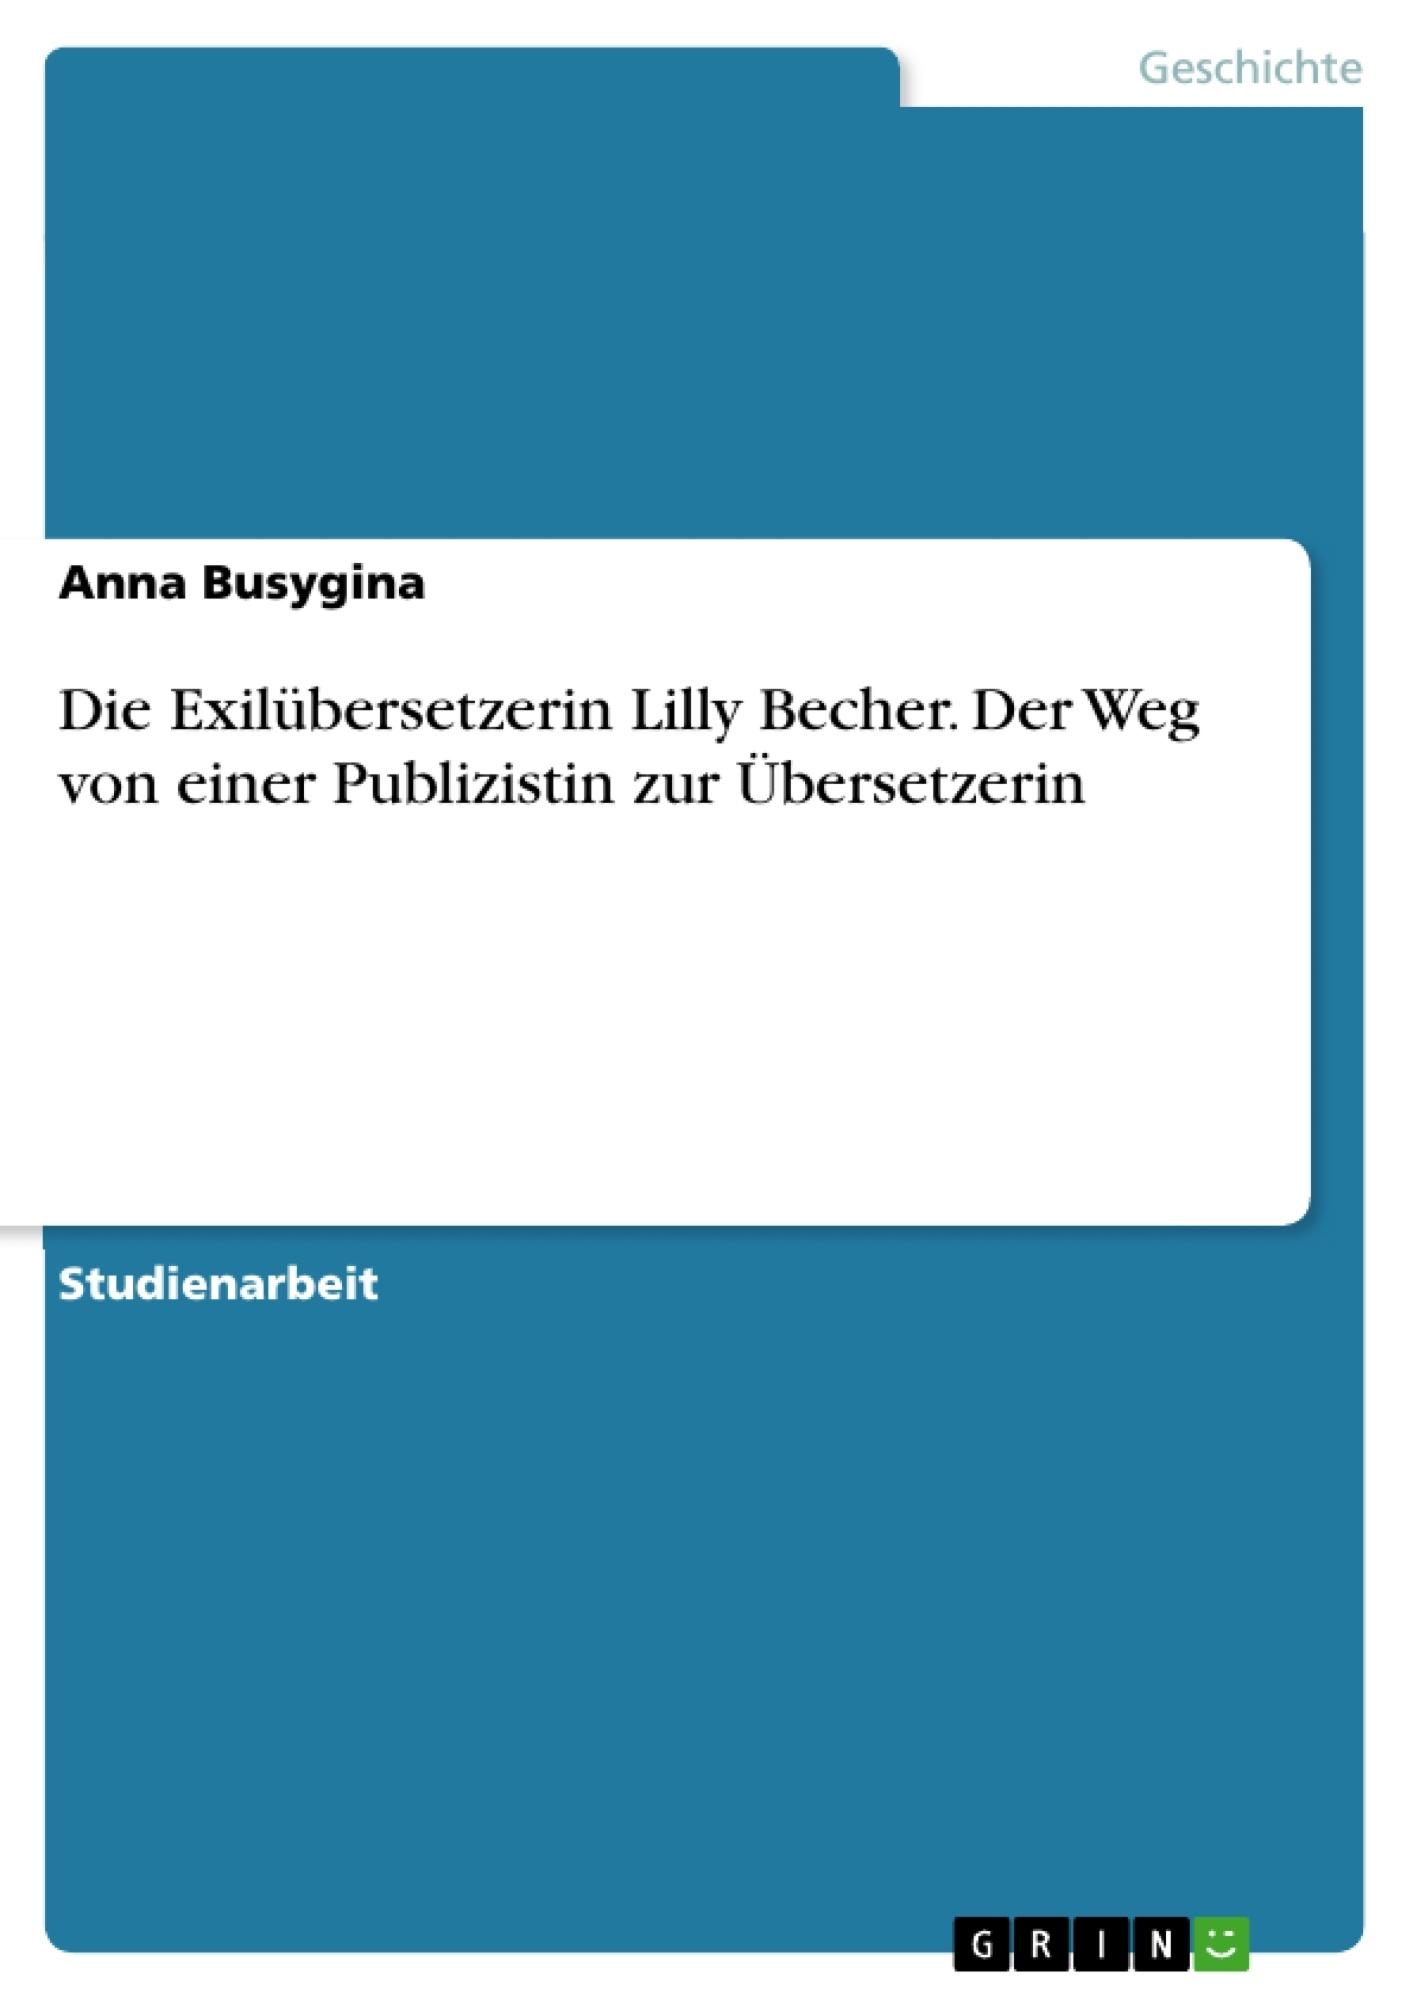 Titel: Die Exilübersetzerin Lilly Becher. Der Weg von einer Publizistin zur Übersetzerin